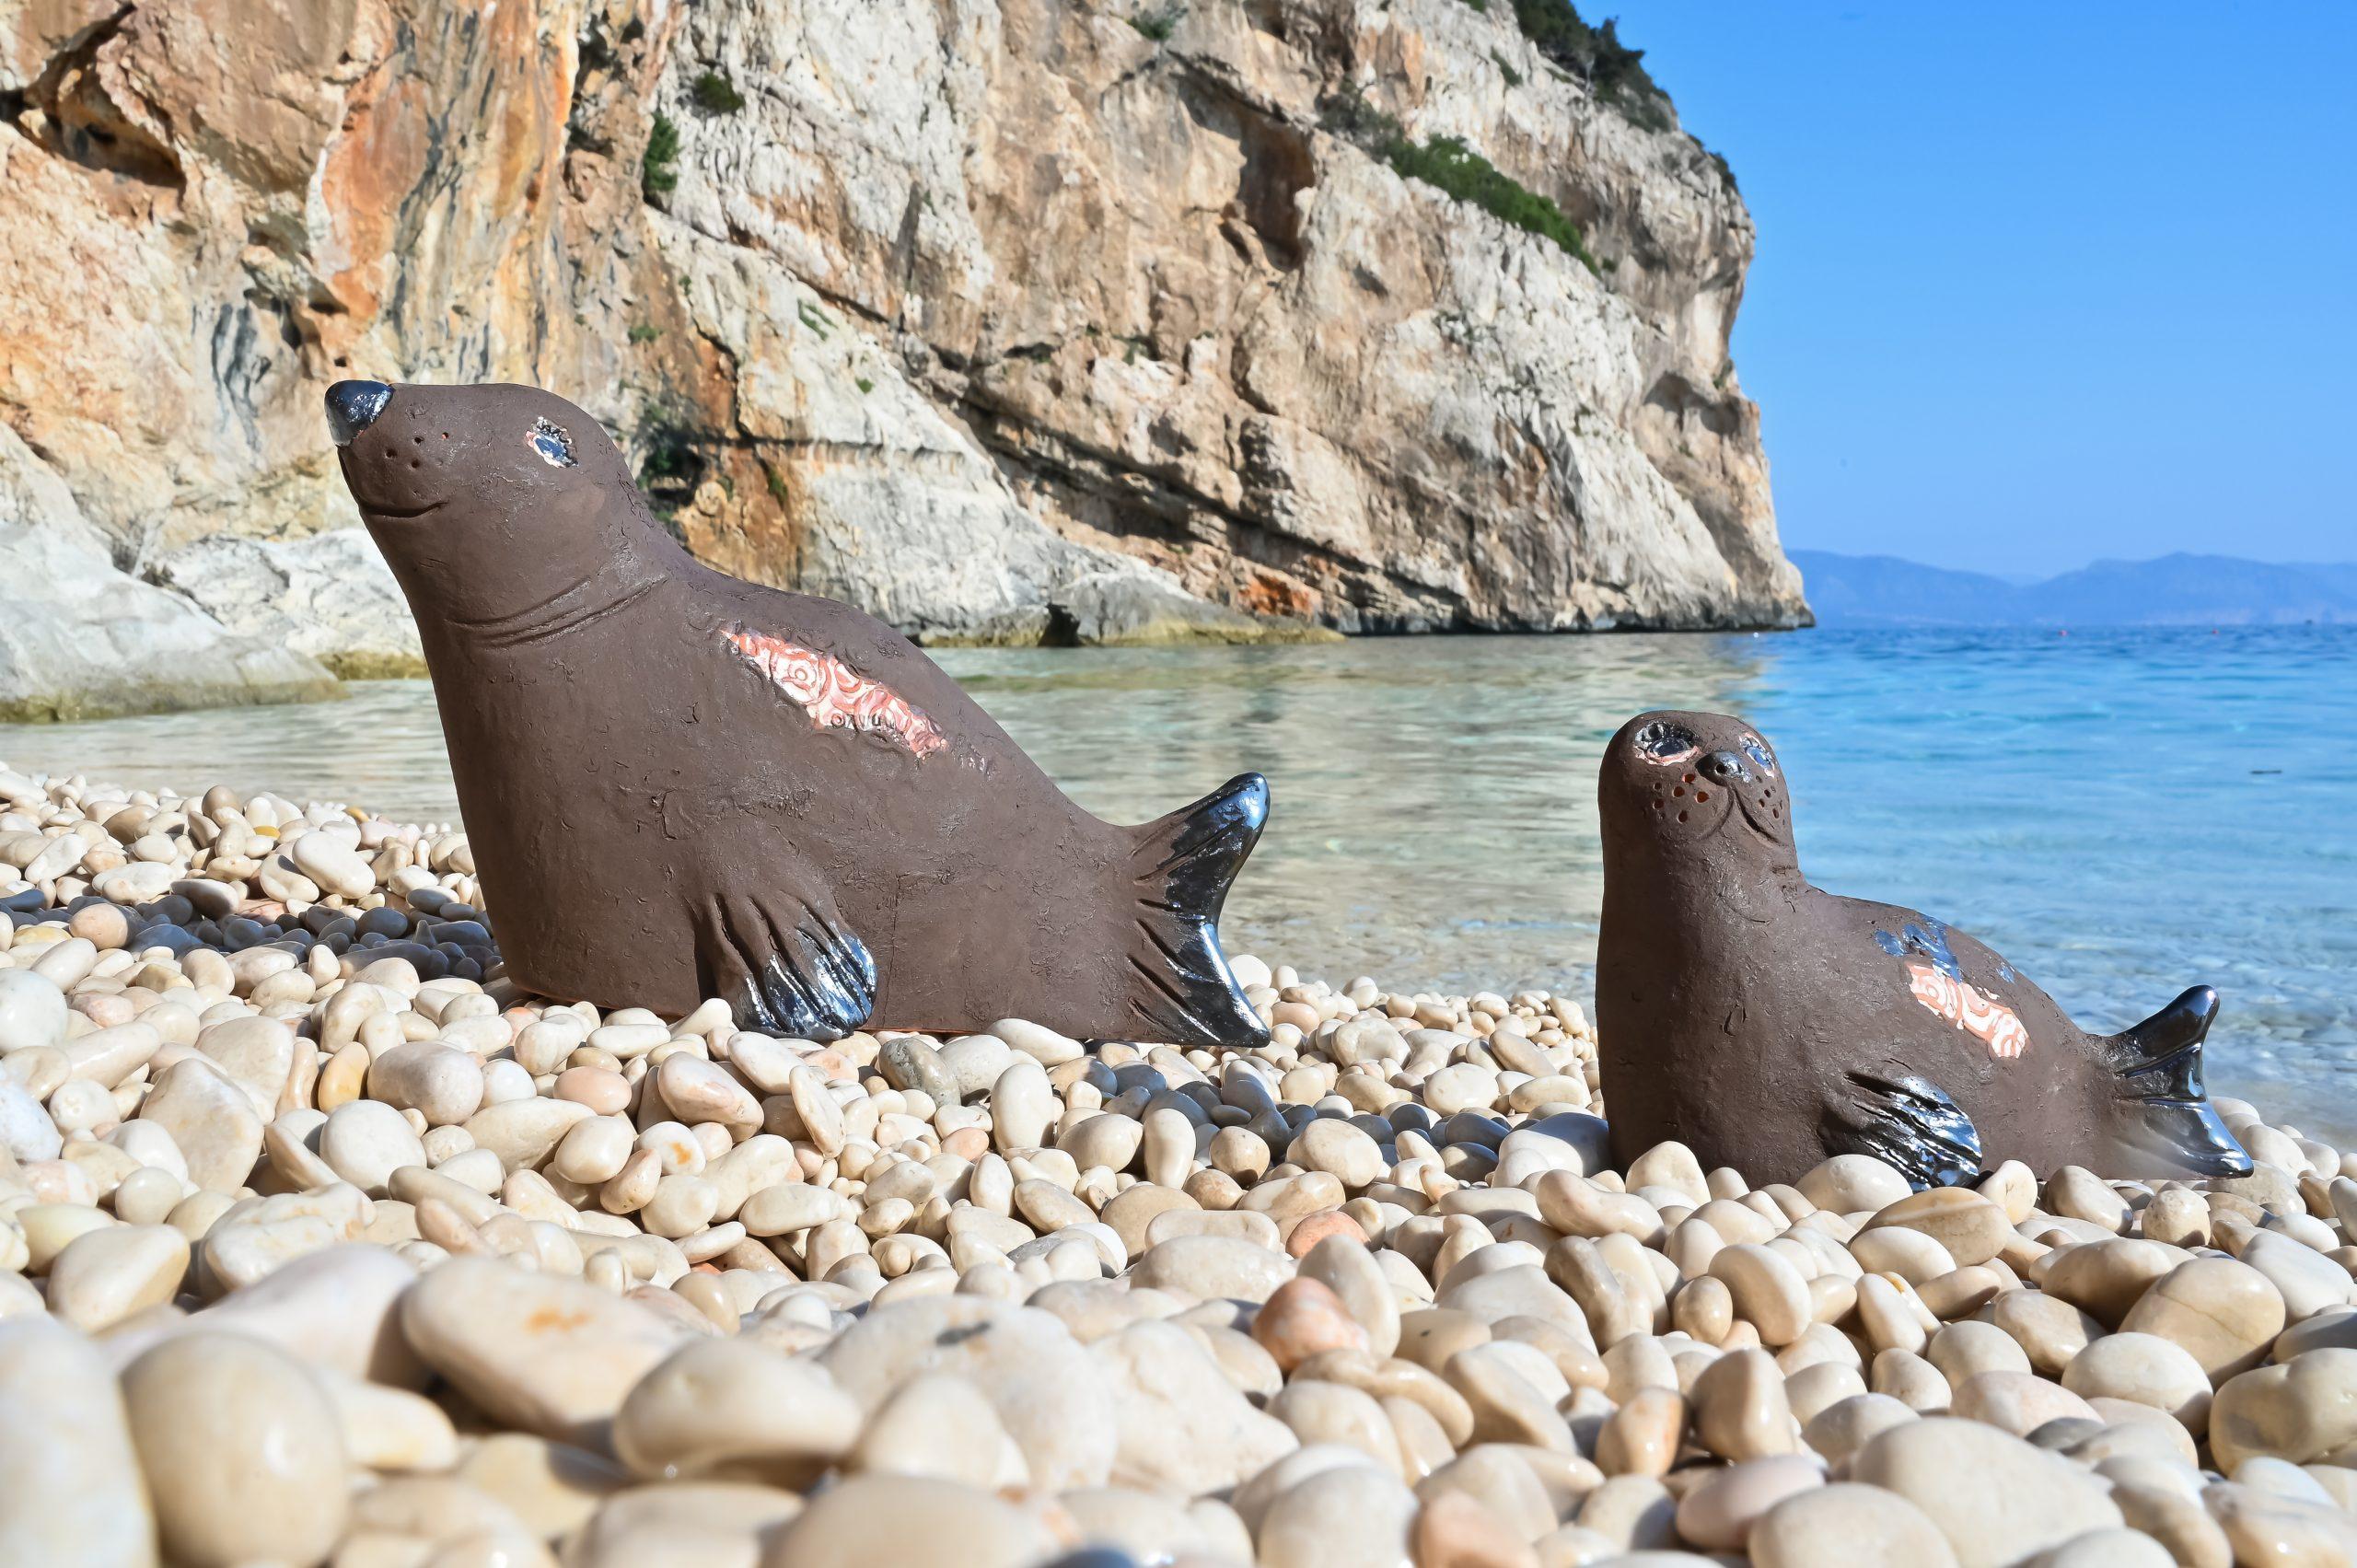 Joias-foca-monaca-ceramica